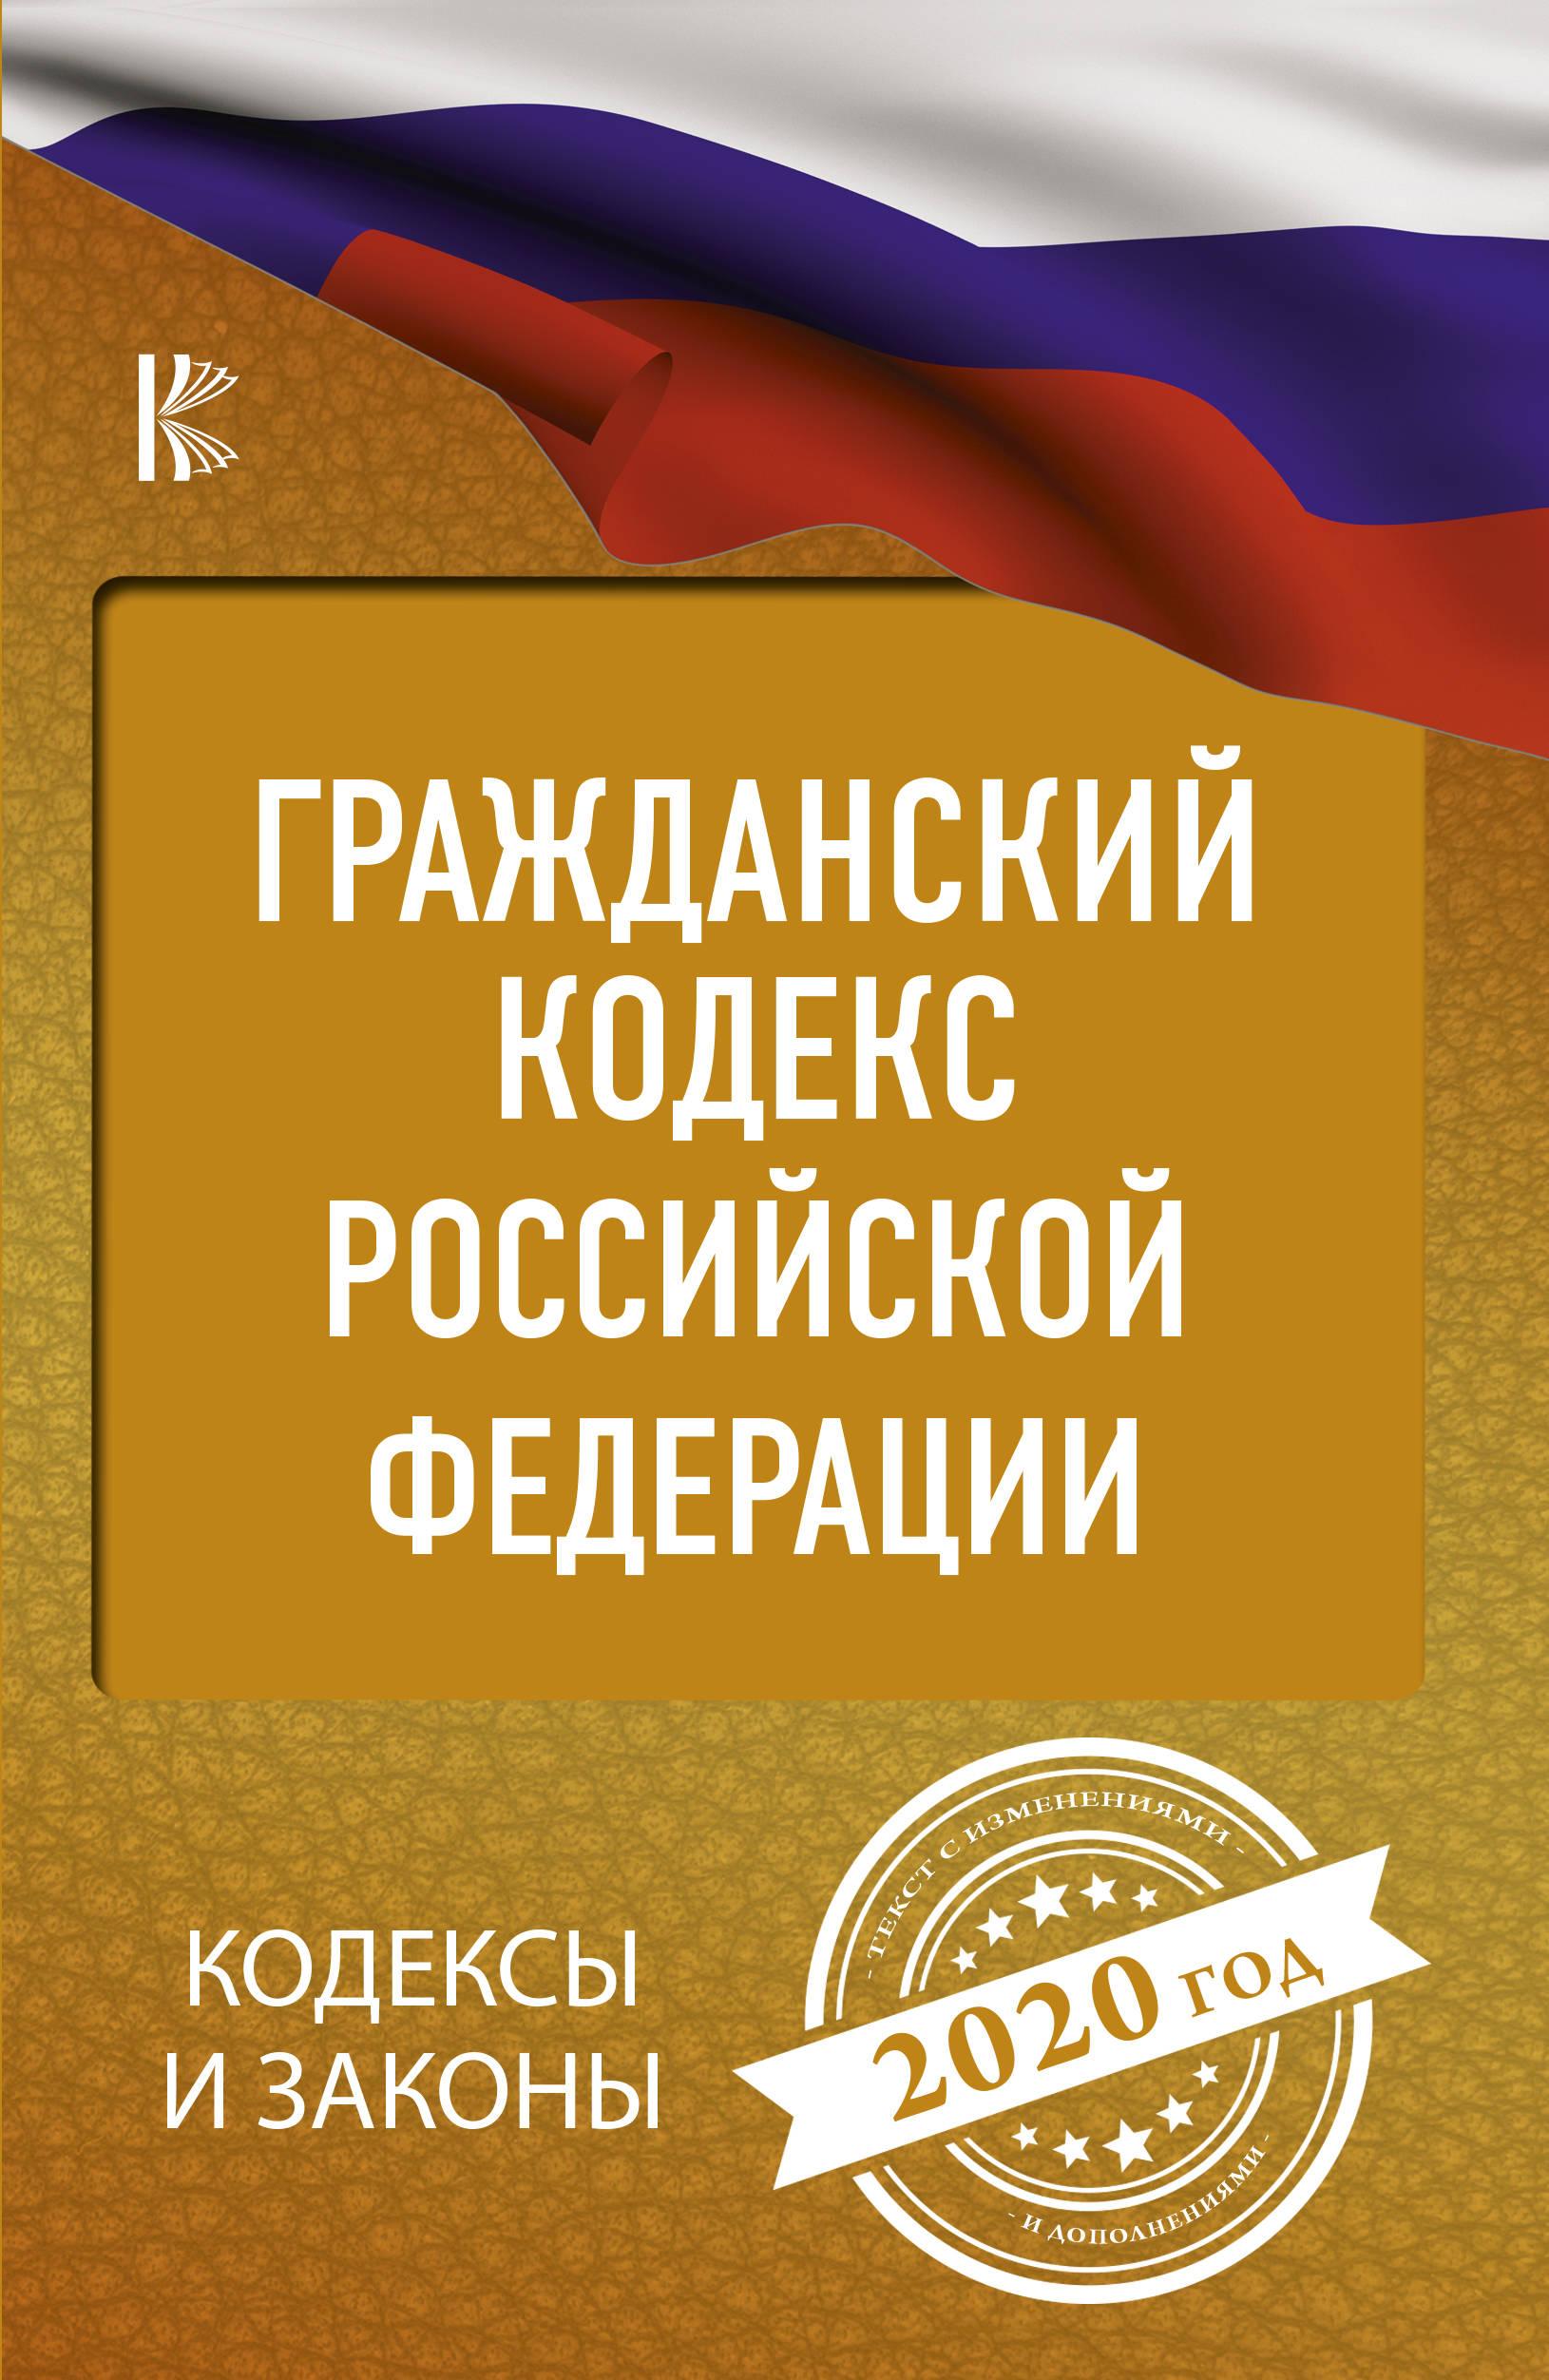 Grazhdanskij Kodeks Rossijskoj Federatsii na 2020 god